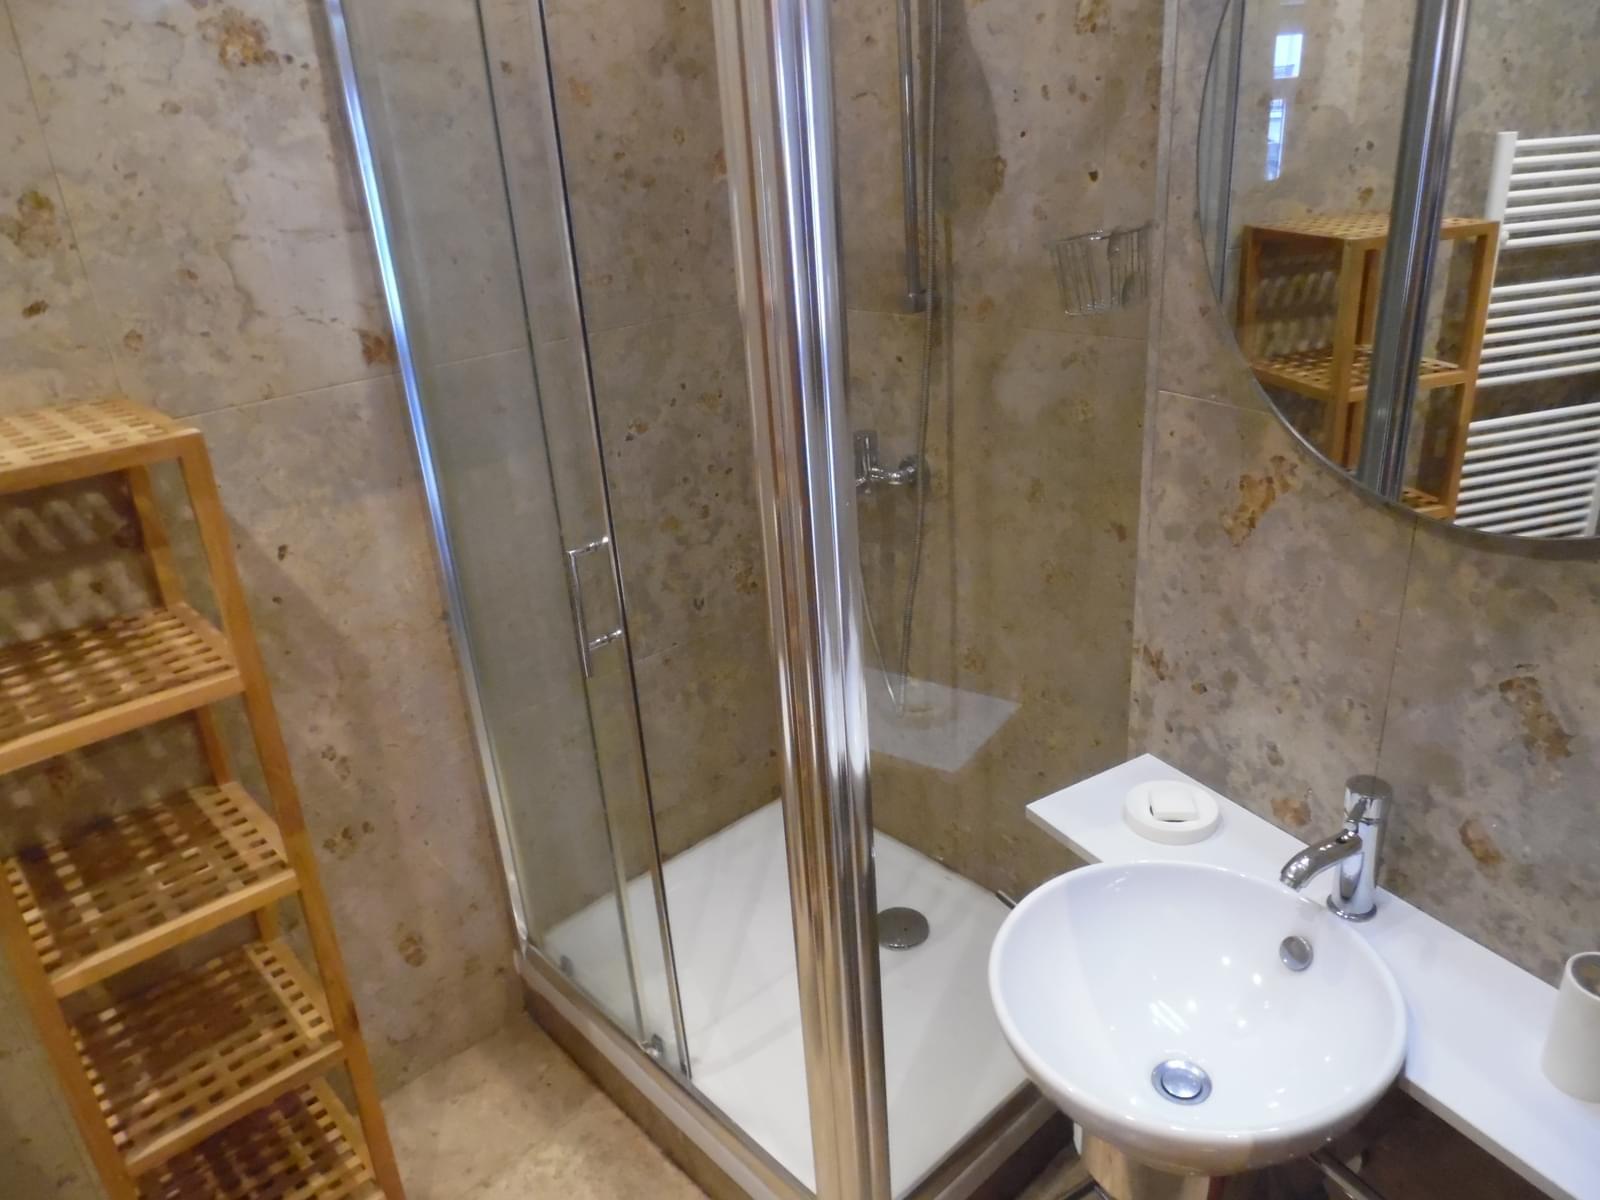 pf16905-apartamento-t1-lisboa-039bbc62-ac7b-4616-b150-9cd601711217